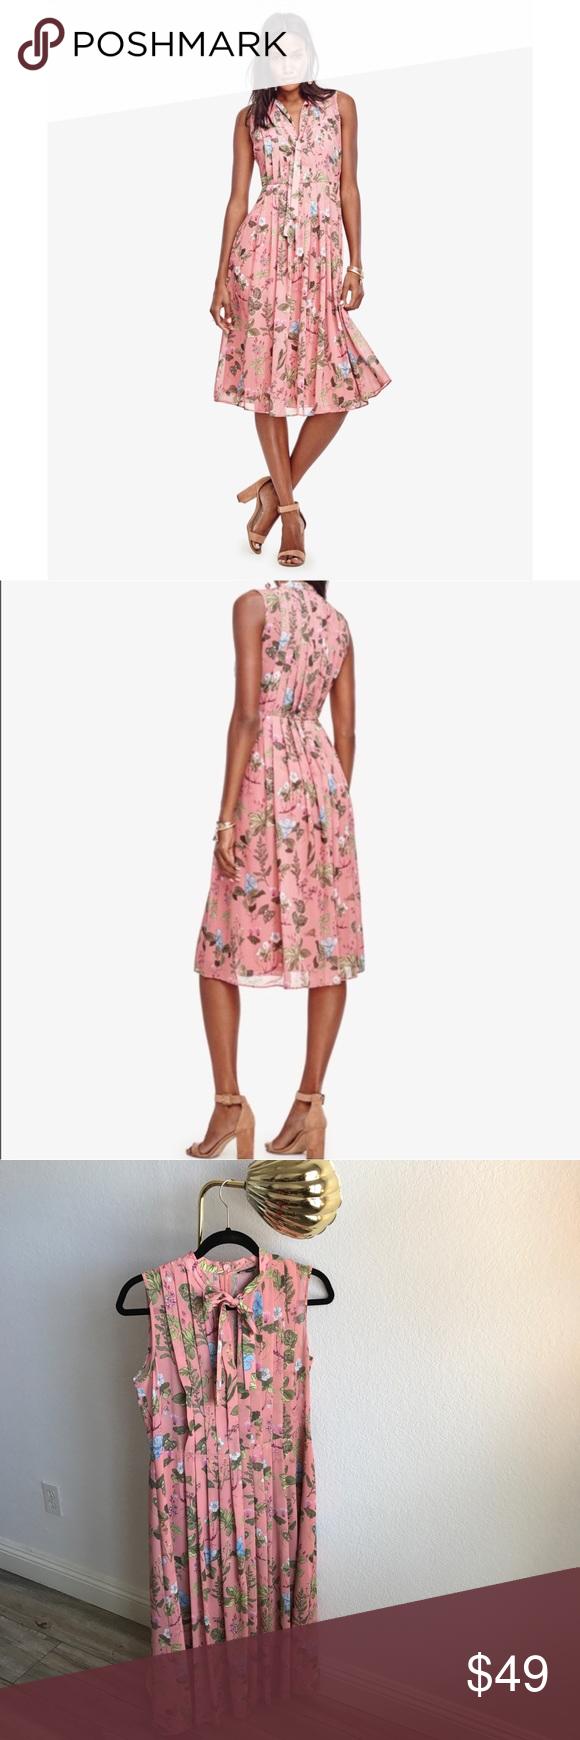 Nwot Ann Taylor Pink Pleated Fl Print Dress Soooo Pretty And Feminine With A Dresses Midi